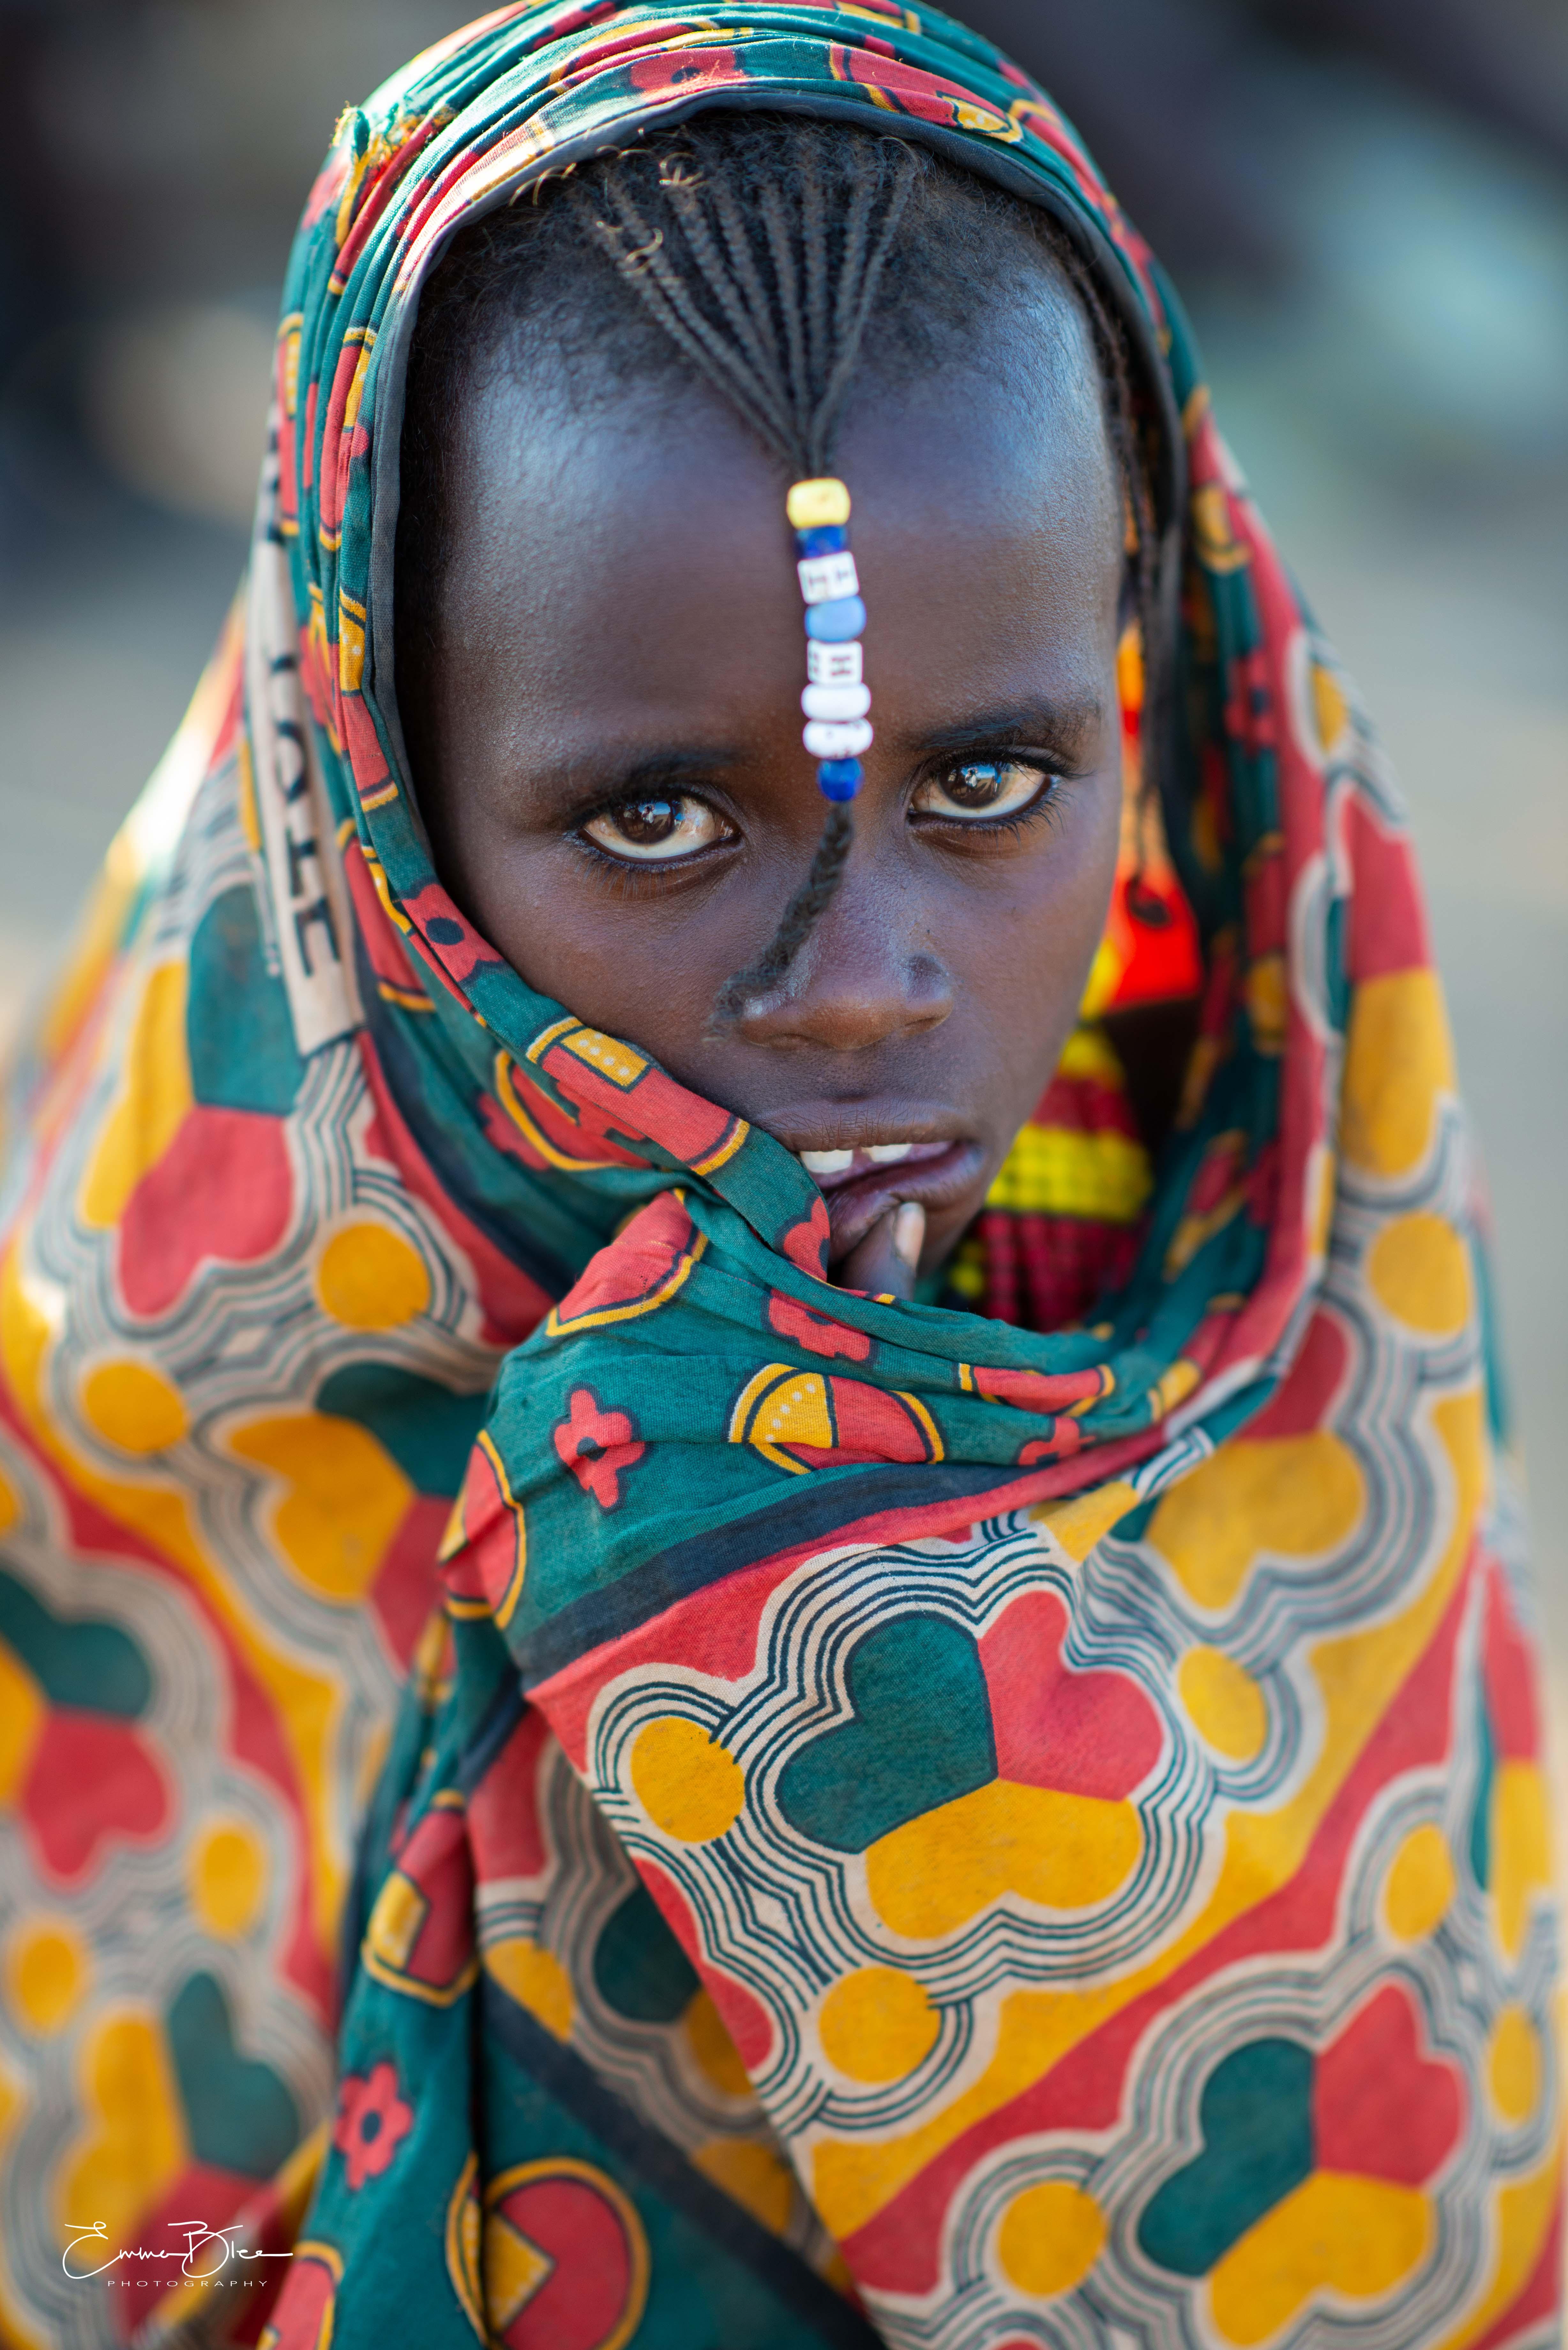 EB_20_01_10_Ethiopia_1258